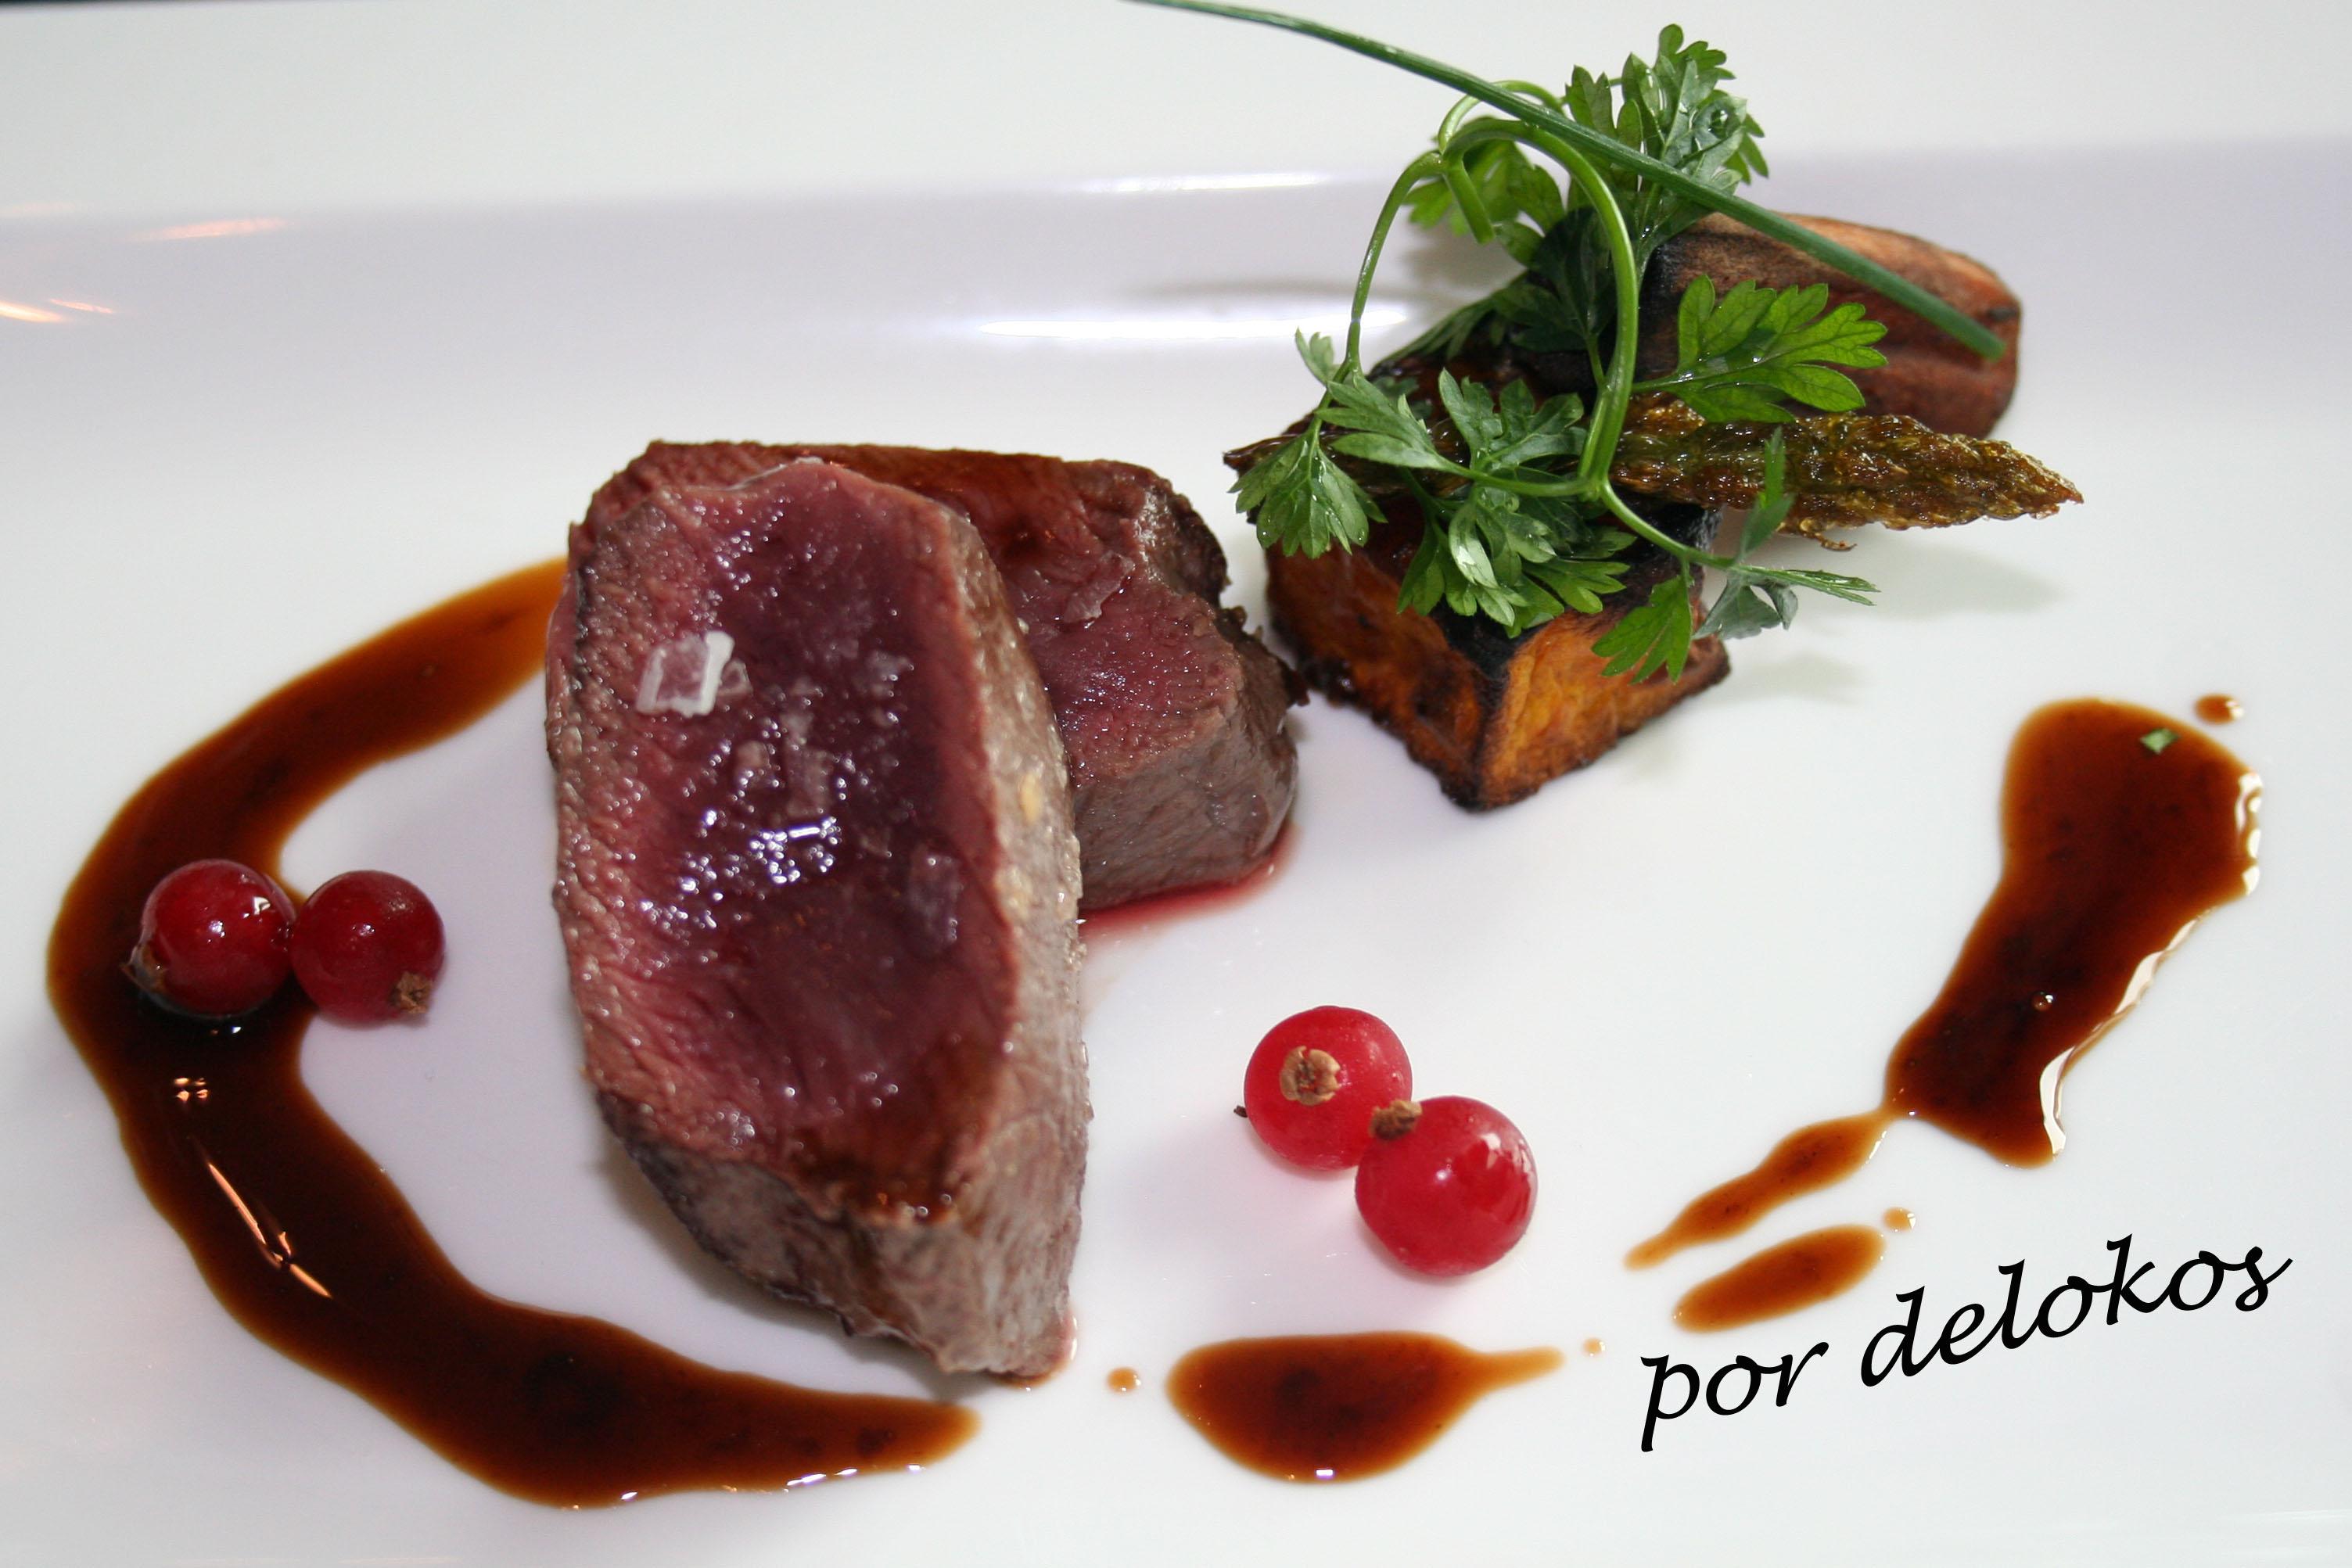 Avant Garde Gastro, Gijón | Delokos